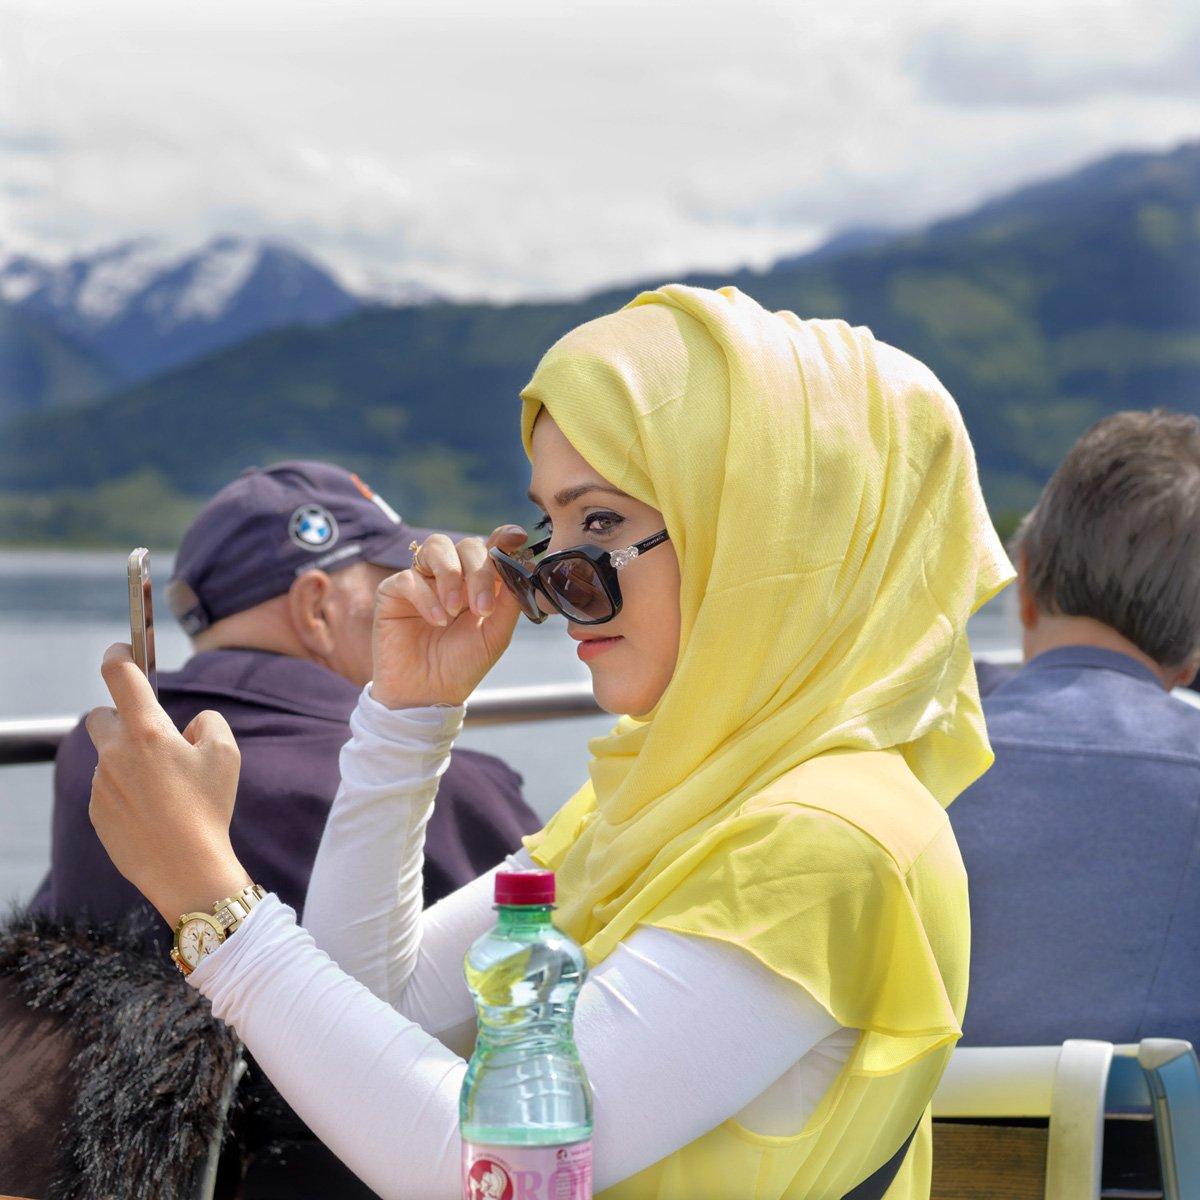 Turistas do Oriente Médio invadem cidade idílica alpina para escapar do calor do verão escaldante 14